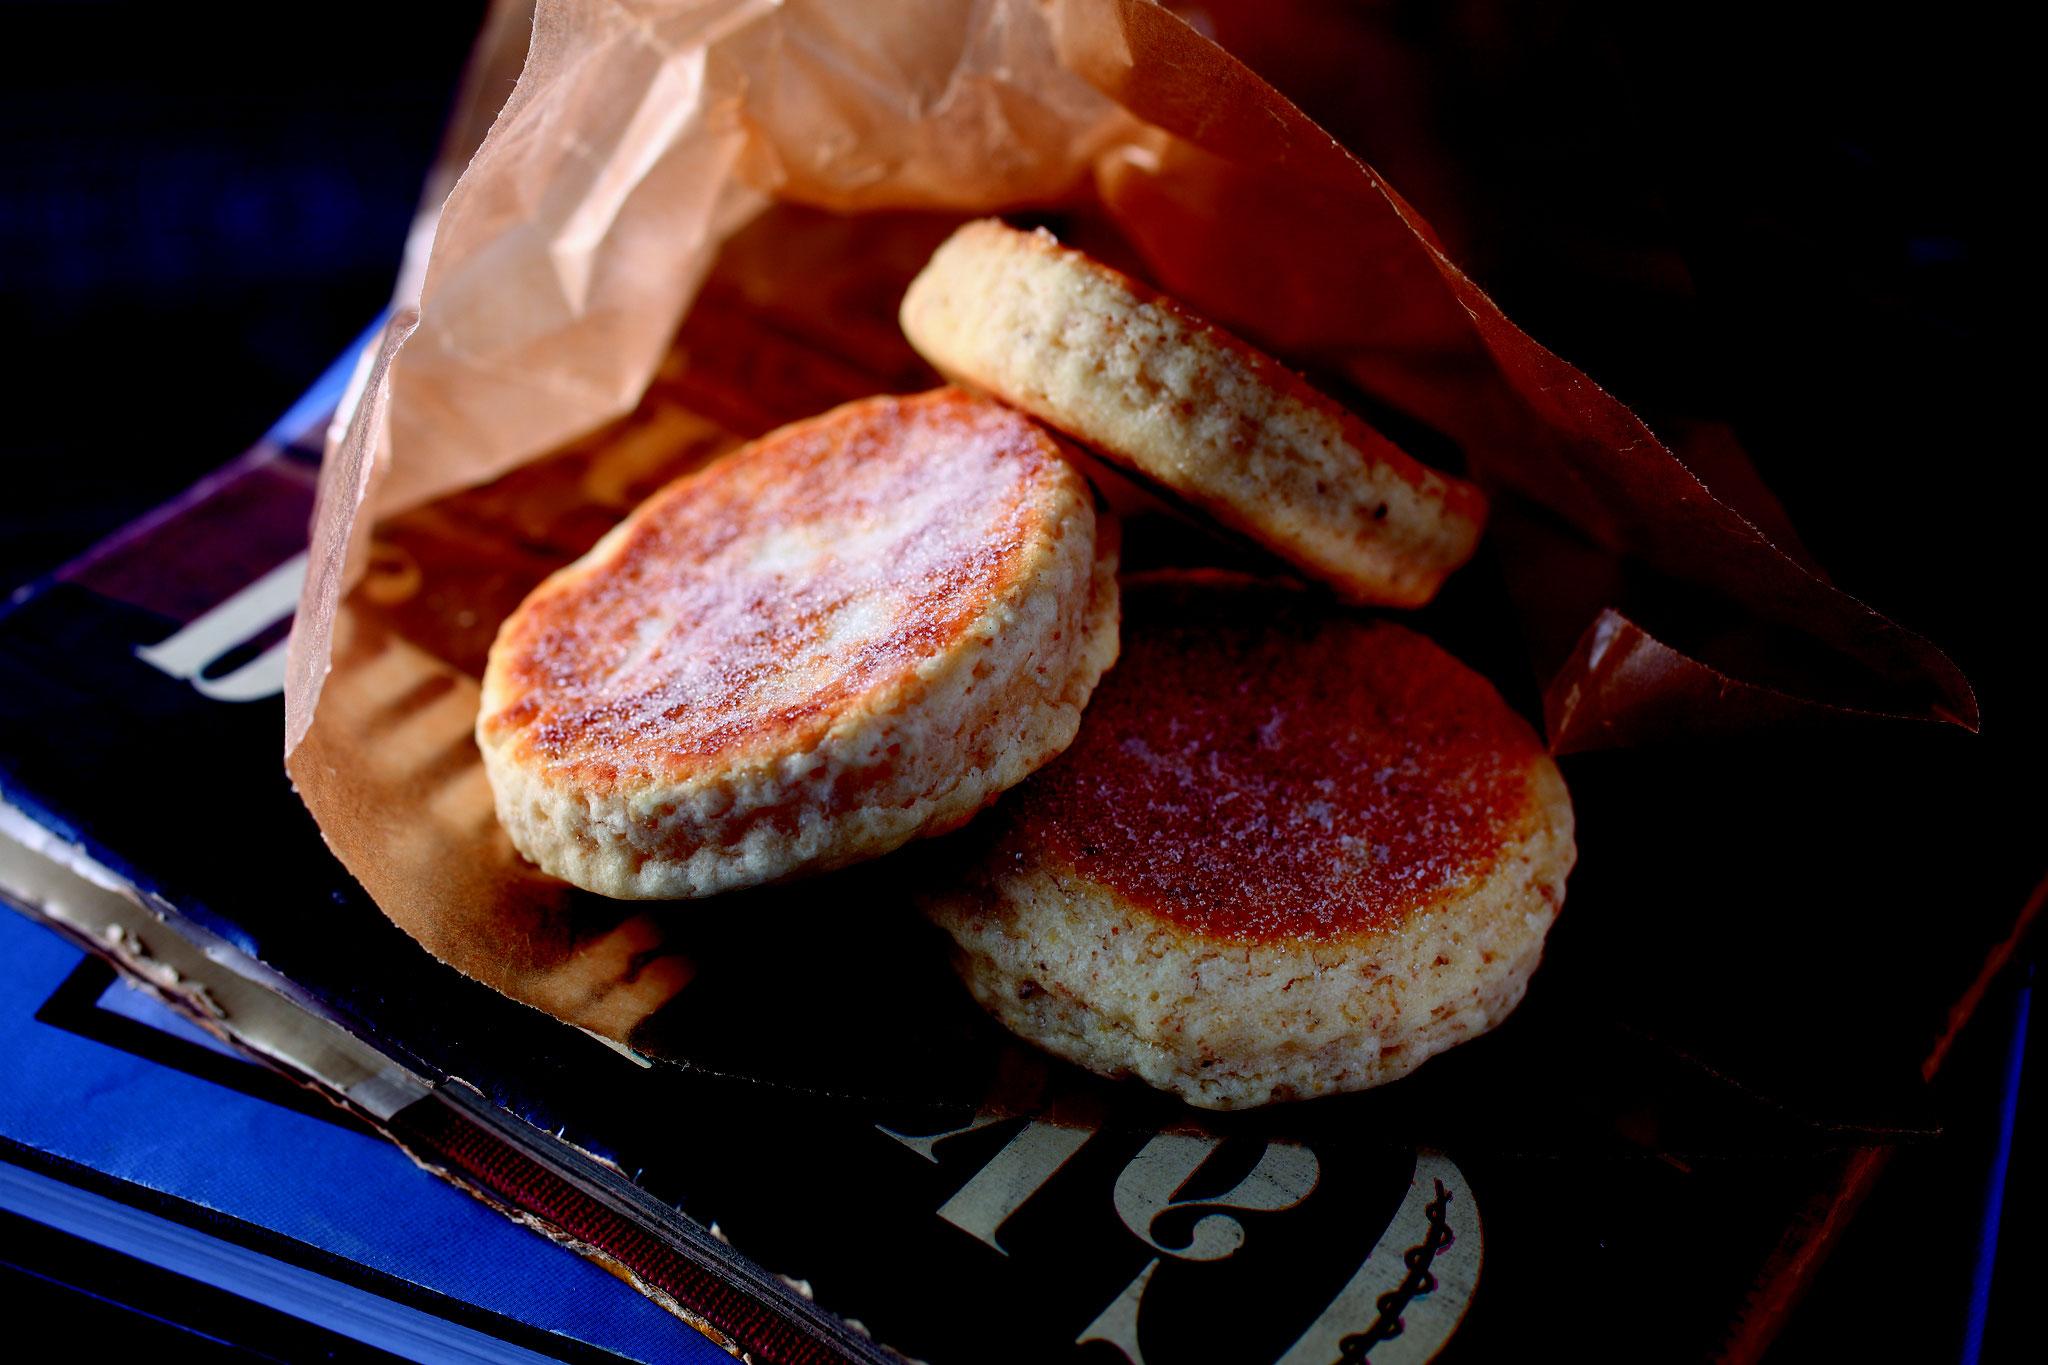 ウェールズの郷土菓子「ウェルシュケーキ」